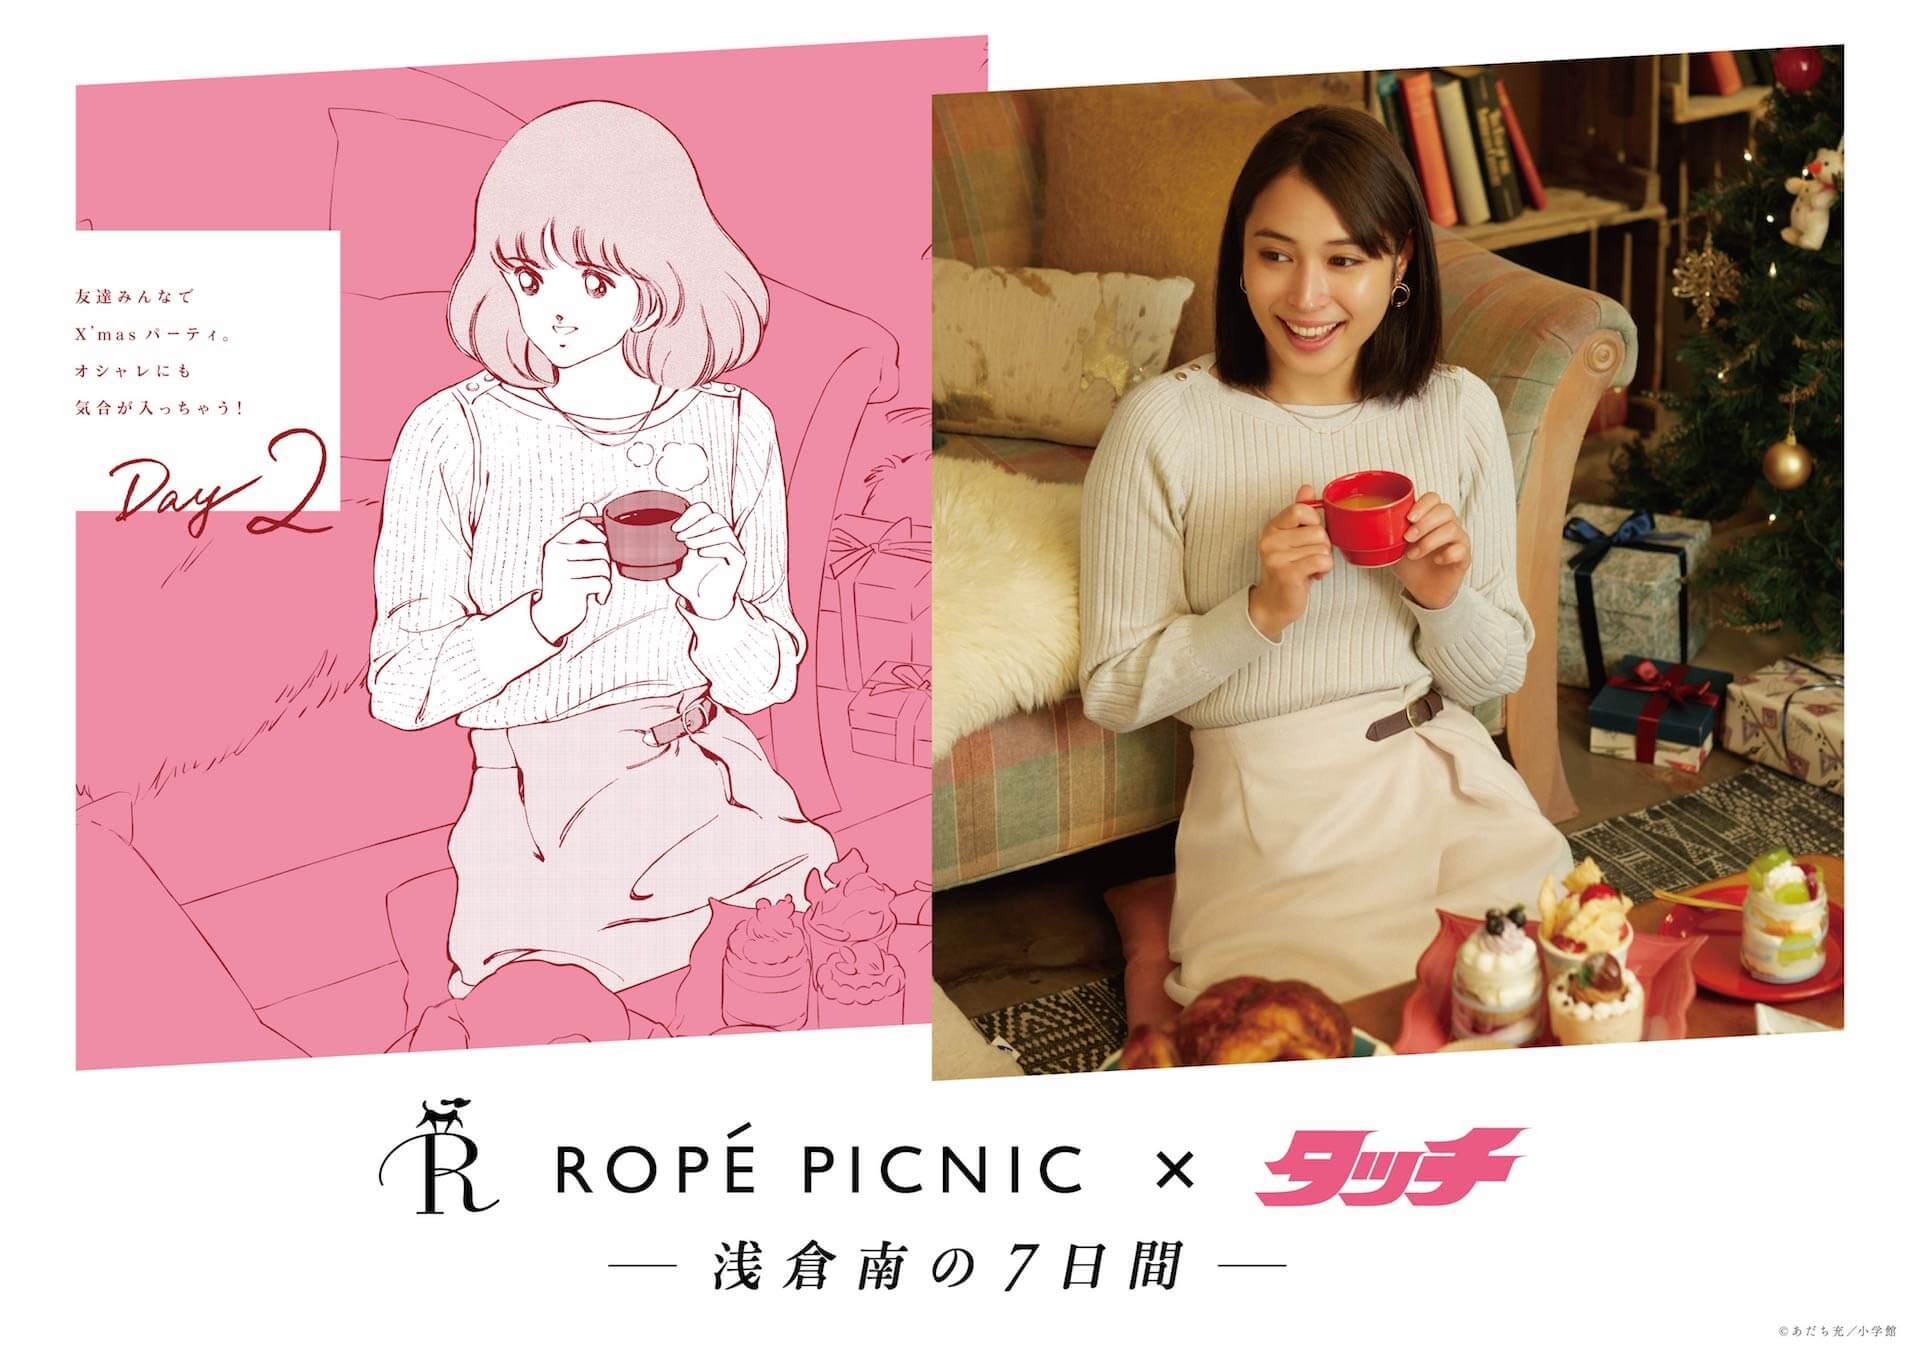 広瀬アリスが「タッチ」南ちゃんに!インタビューでは「かわいいにまっすぐ」なことについて語る life-fashion191125-ropepicnic-hirosealice-3